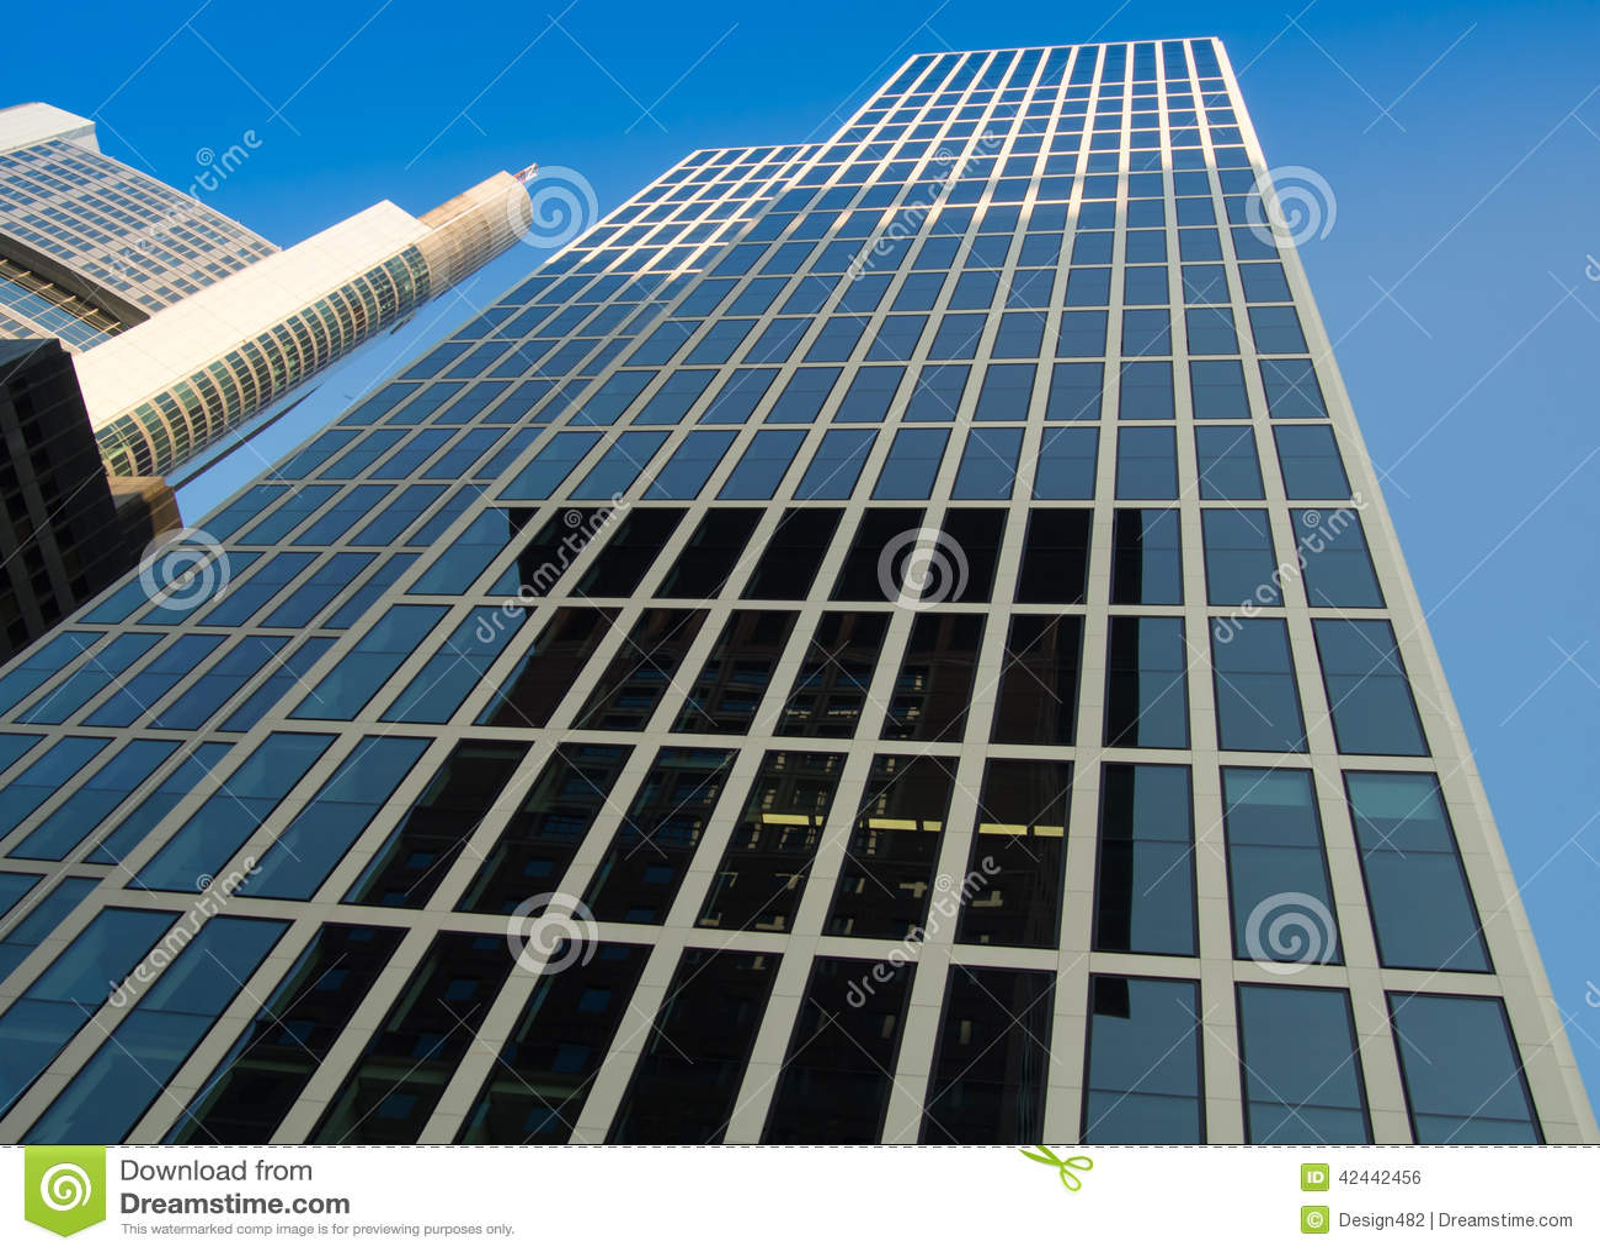 Edificio del negocio (torre de Taunus) en Francfort, Alemania